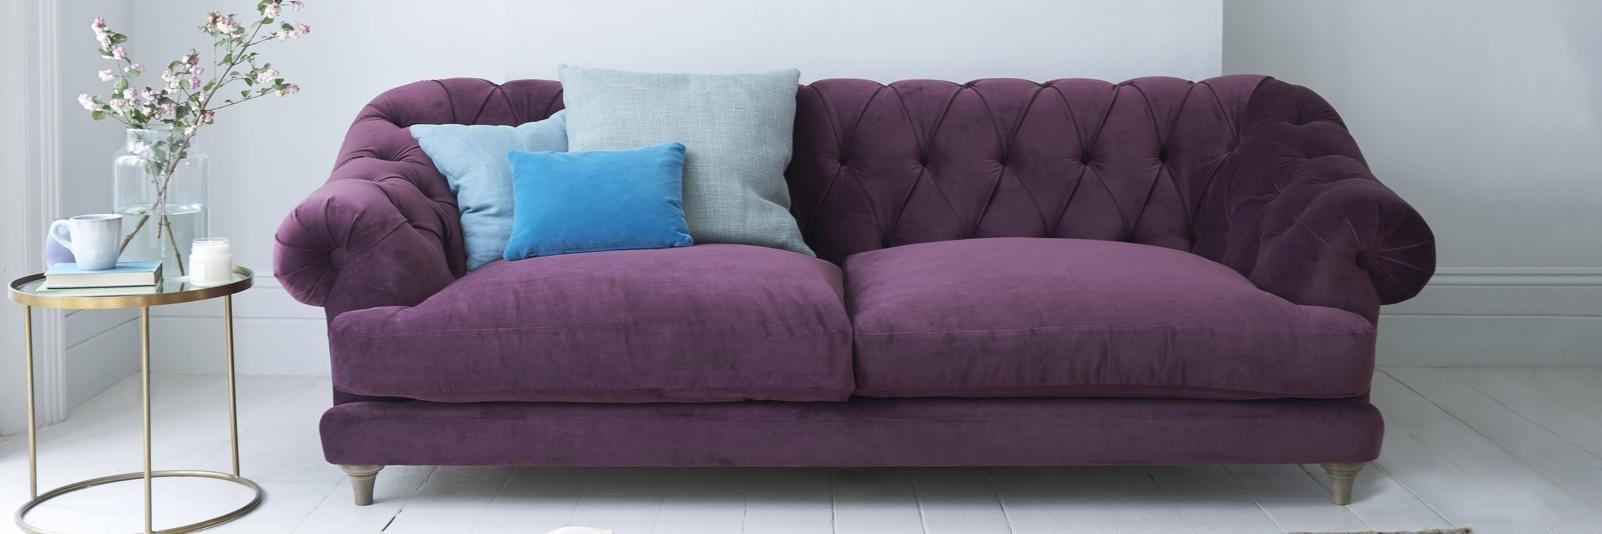 Purple Velvet Sofas | Made In Blighty | Loaf With Velvet Purple Sofas (Image 15 of 20)